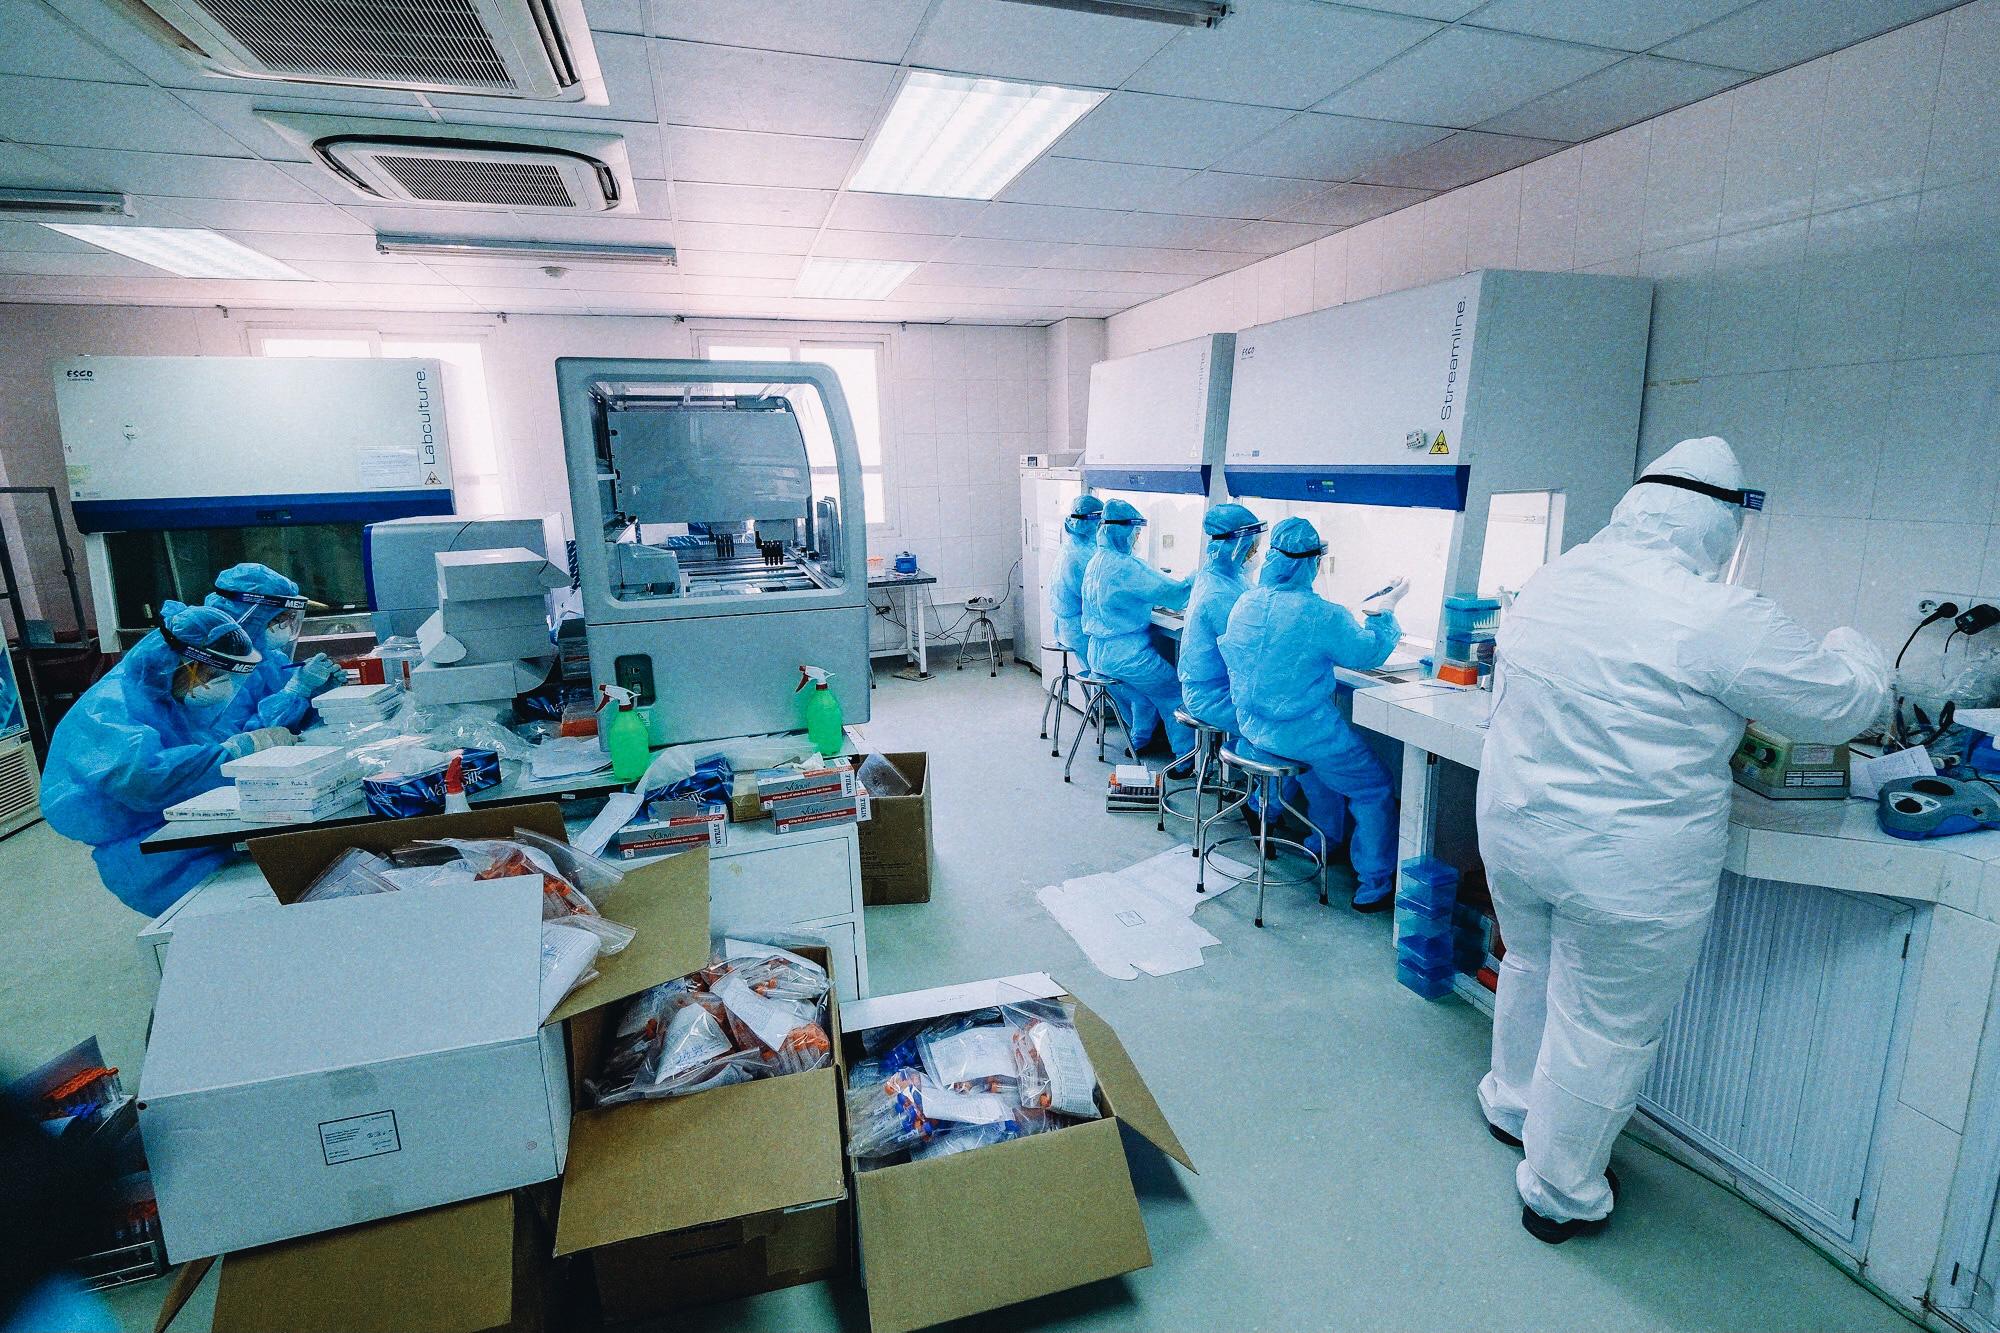 CDC Hà Nội: Nơi nóng mấy cũng chịu, không bật quạt vì sợ virus 'bay tứ tung' - Ảnh 3.